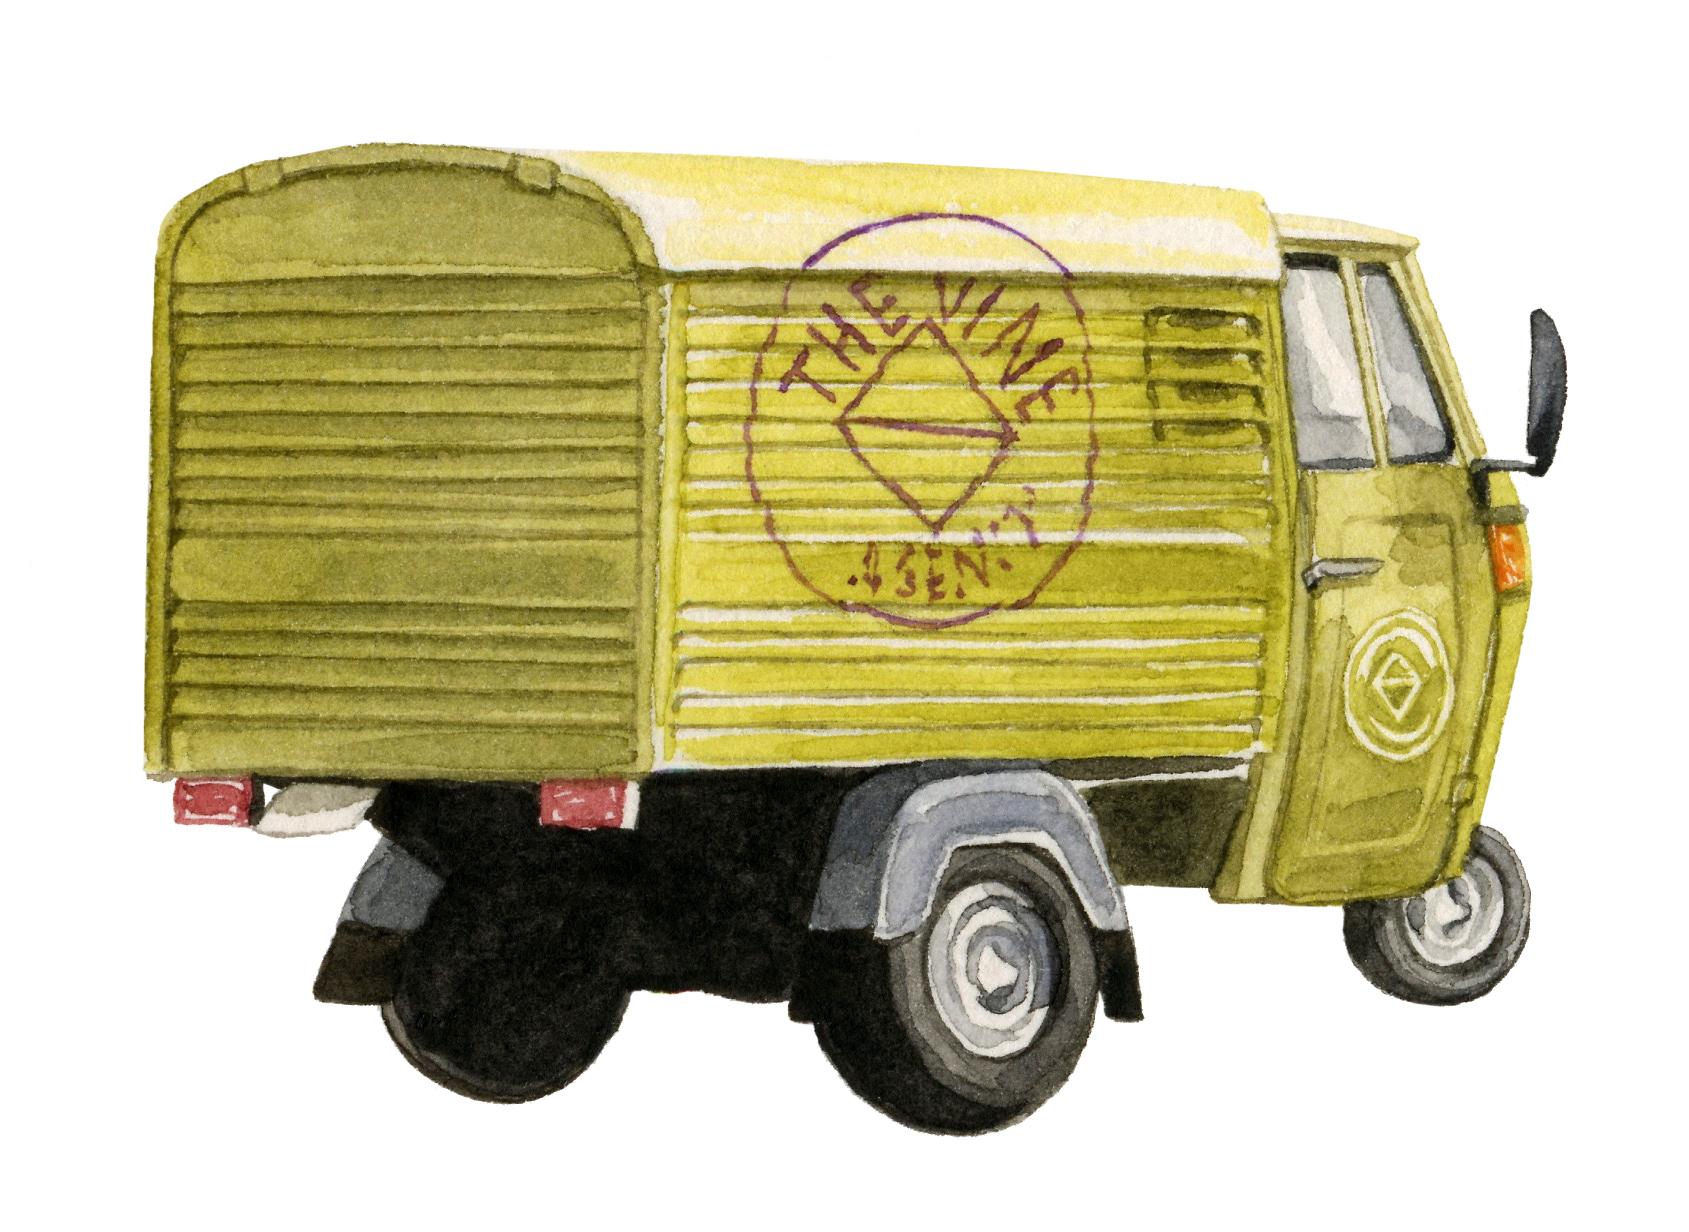 vine-truck-back-lrg.jpg